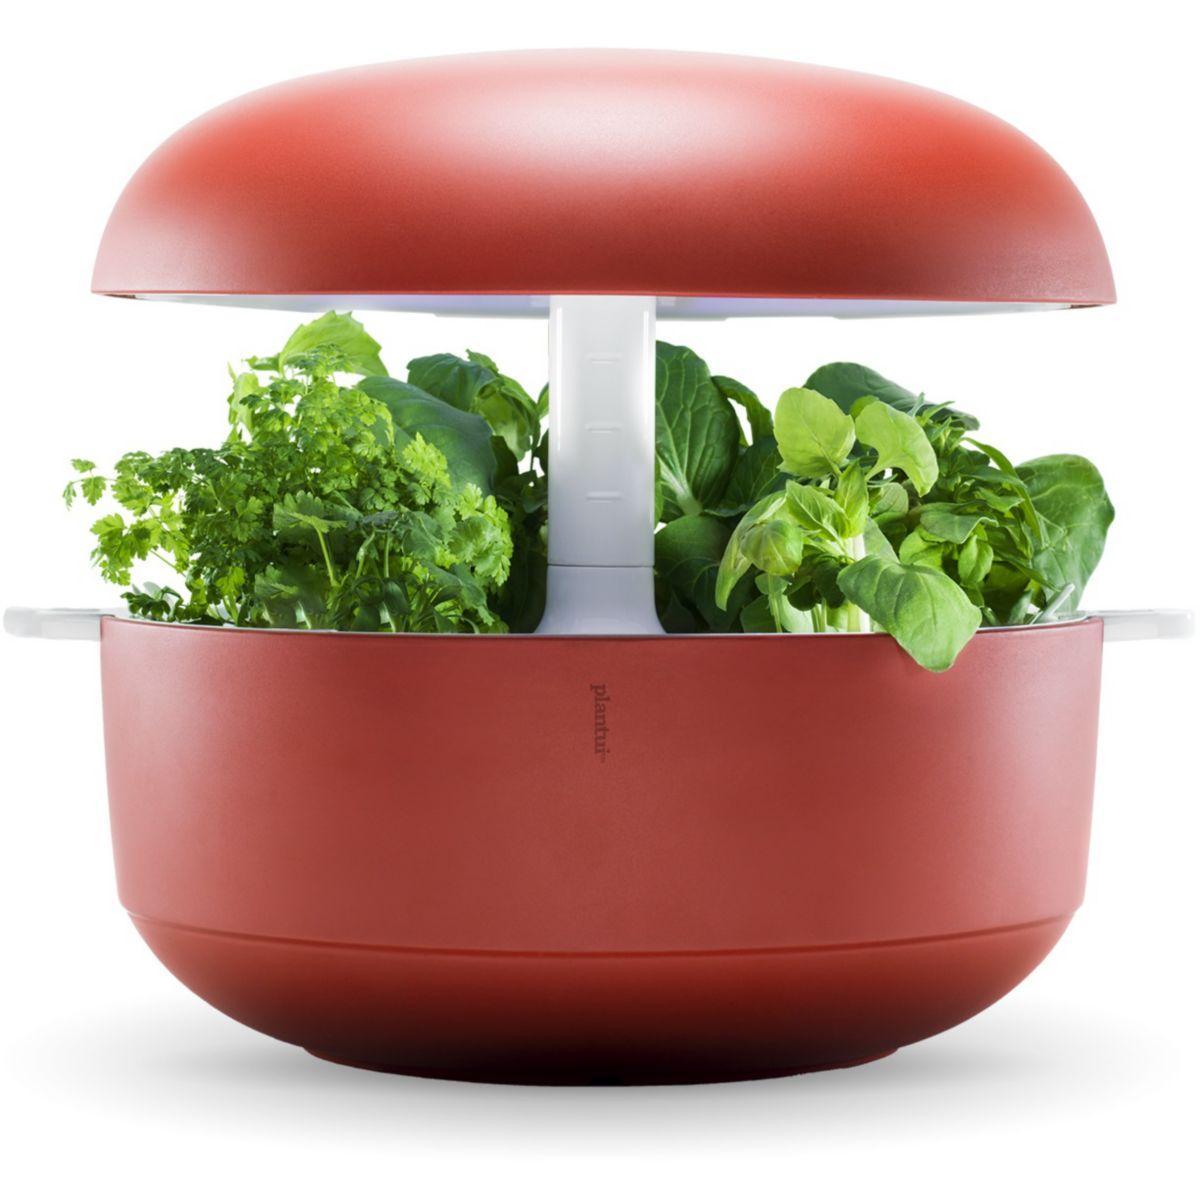 Jardin int . 6 smart garden rouge - 15% de remise imm�diate avec le code : paques15 (photo)